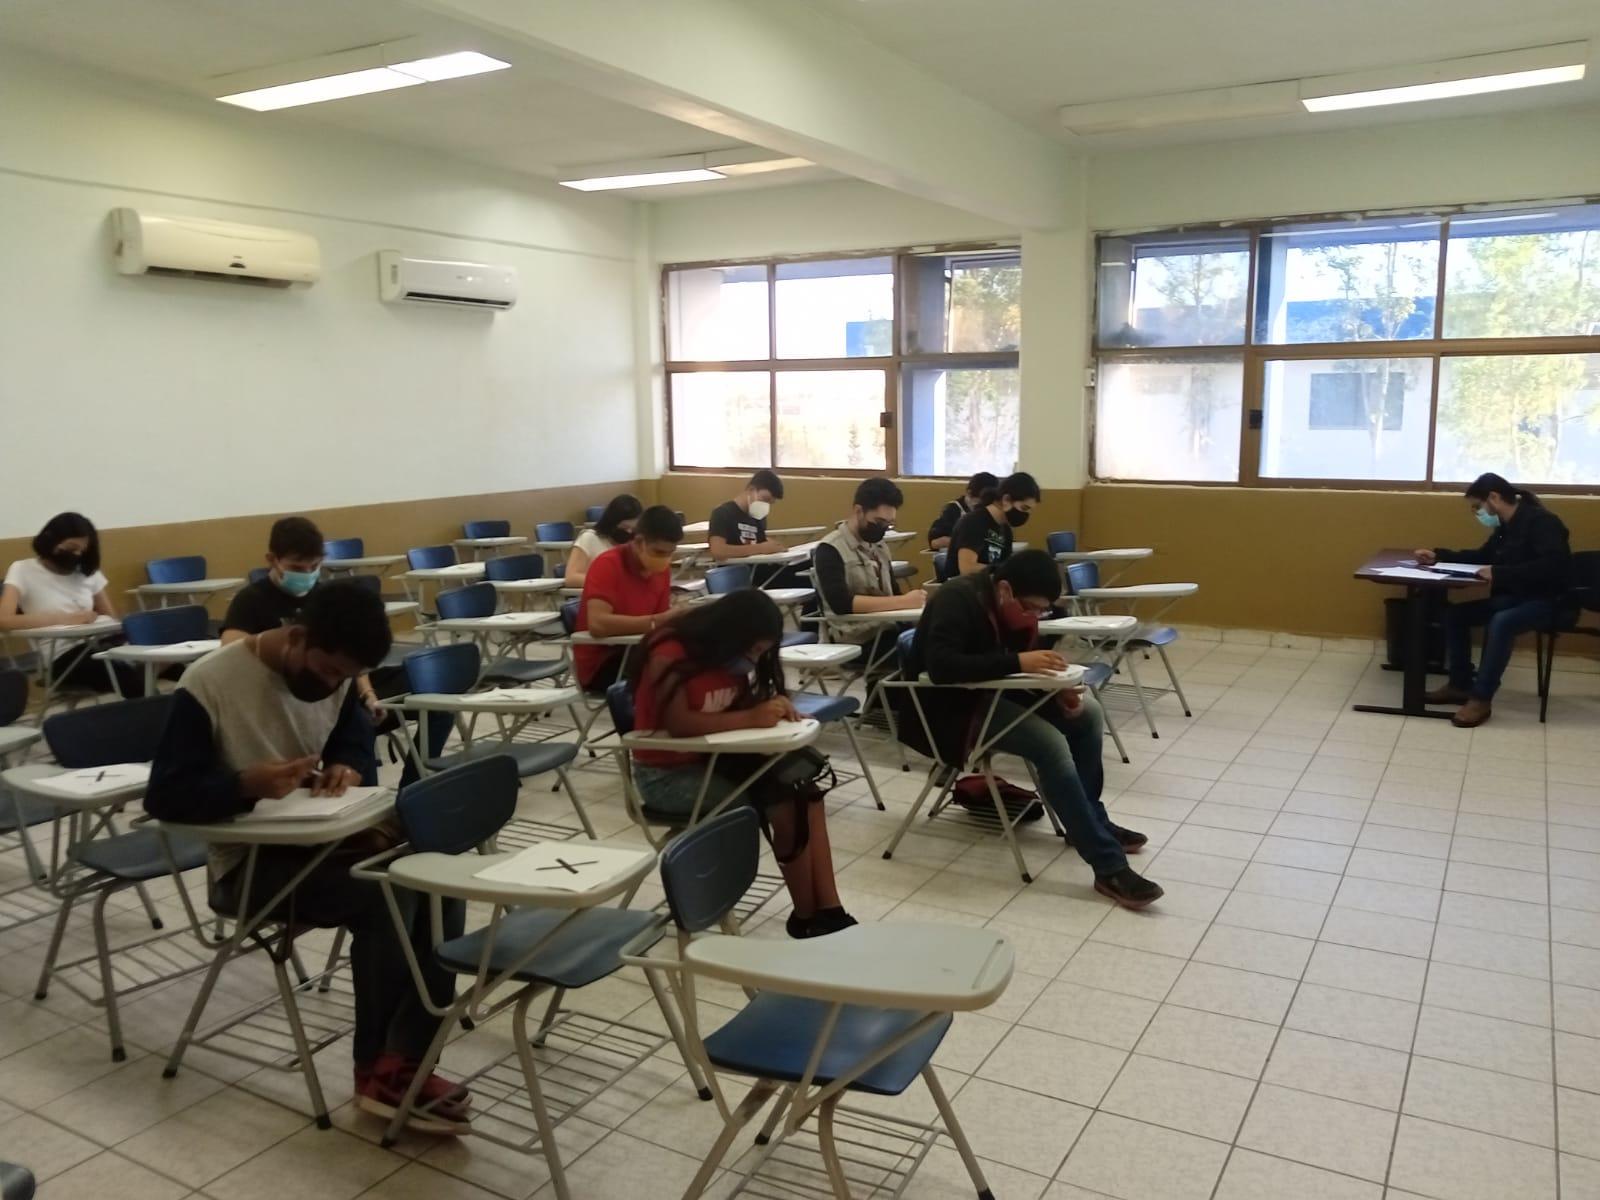 ALUMNOS DEL TECNM CAMPUS AGUA PRIETA REACTIVAN ACTIVIDADES PRESENCIALES EN EL CLUB DE CIENCIAS BÁSICAS